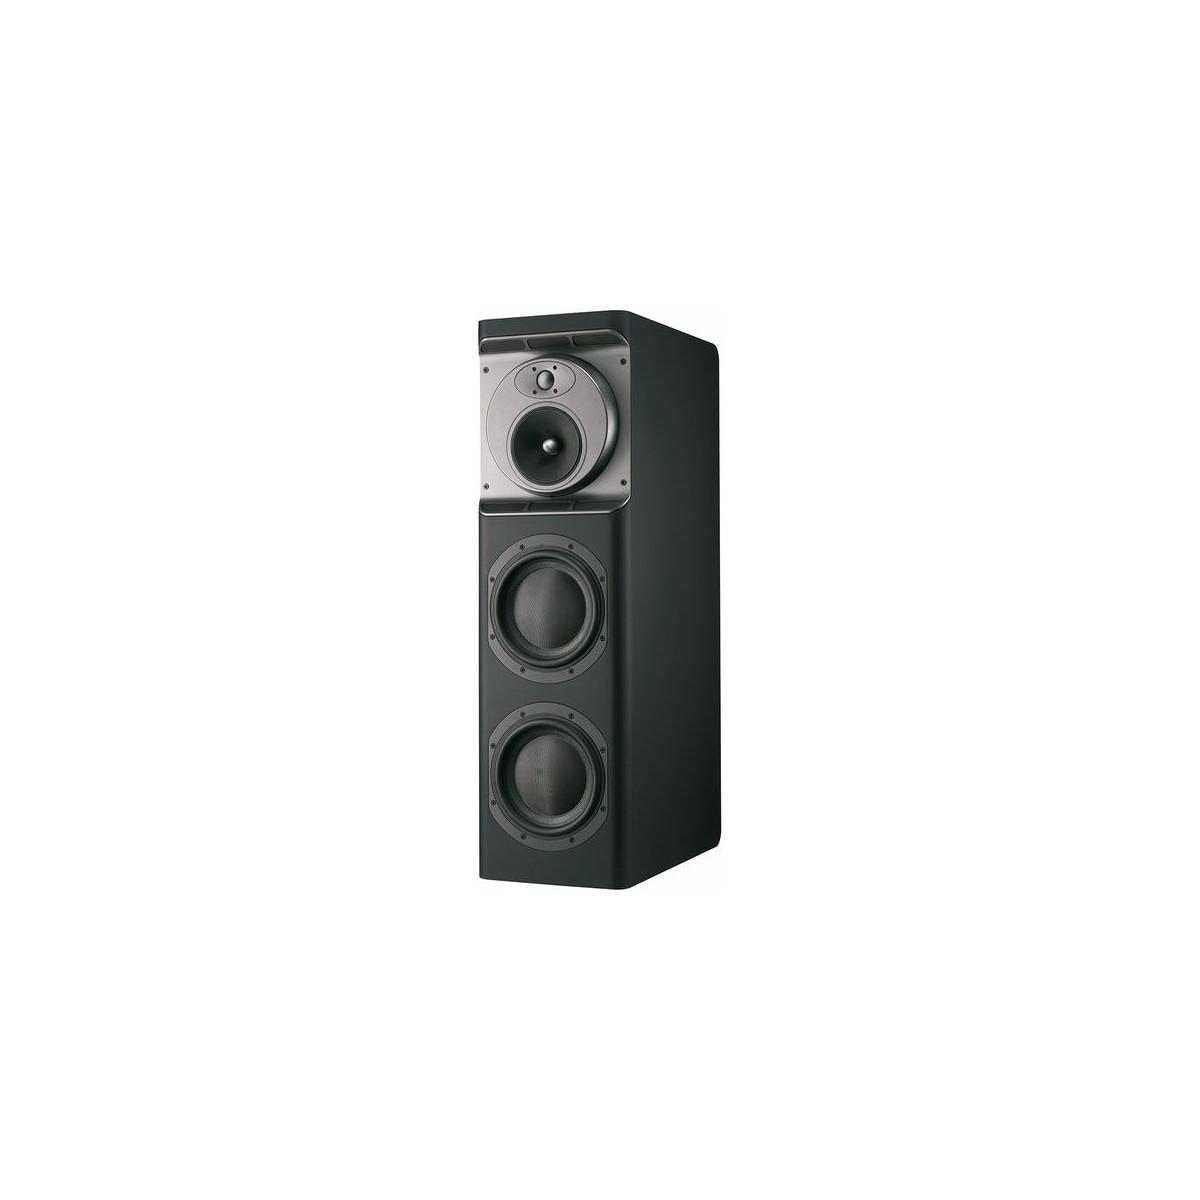 Állványra / polcra helyezhető hangsugárzó CT8 LR